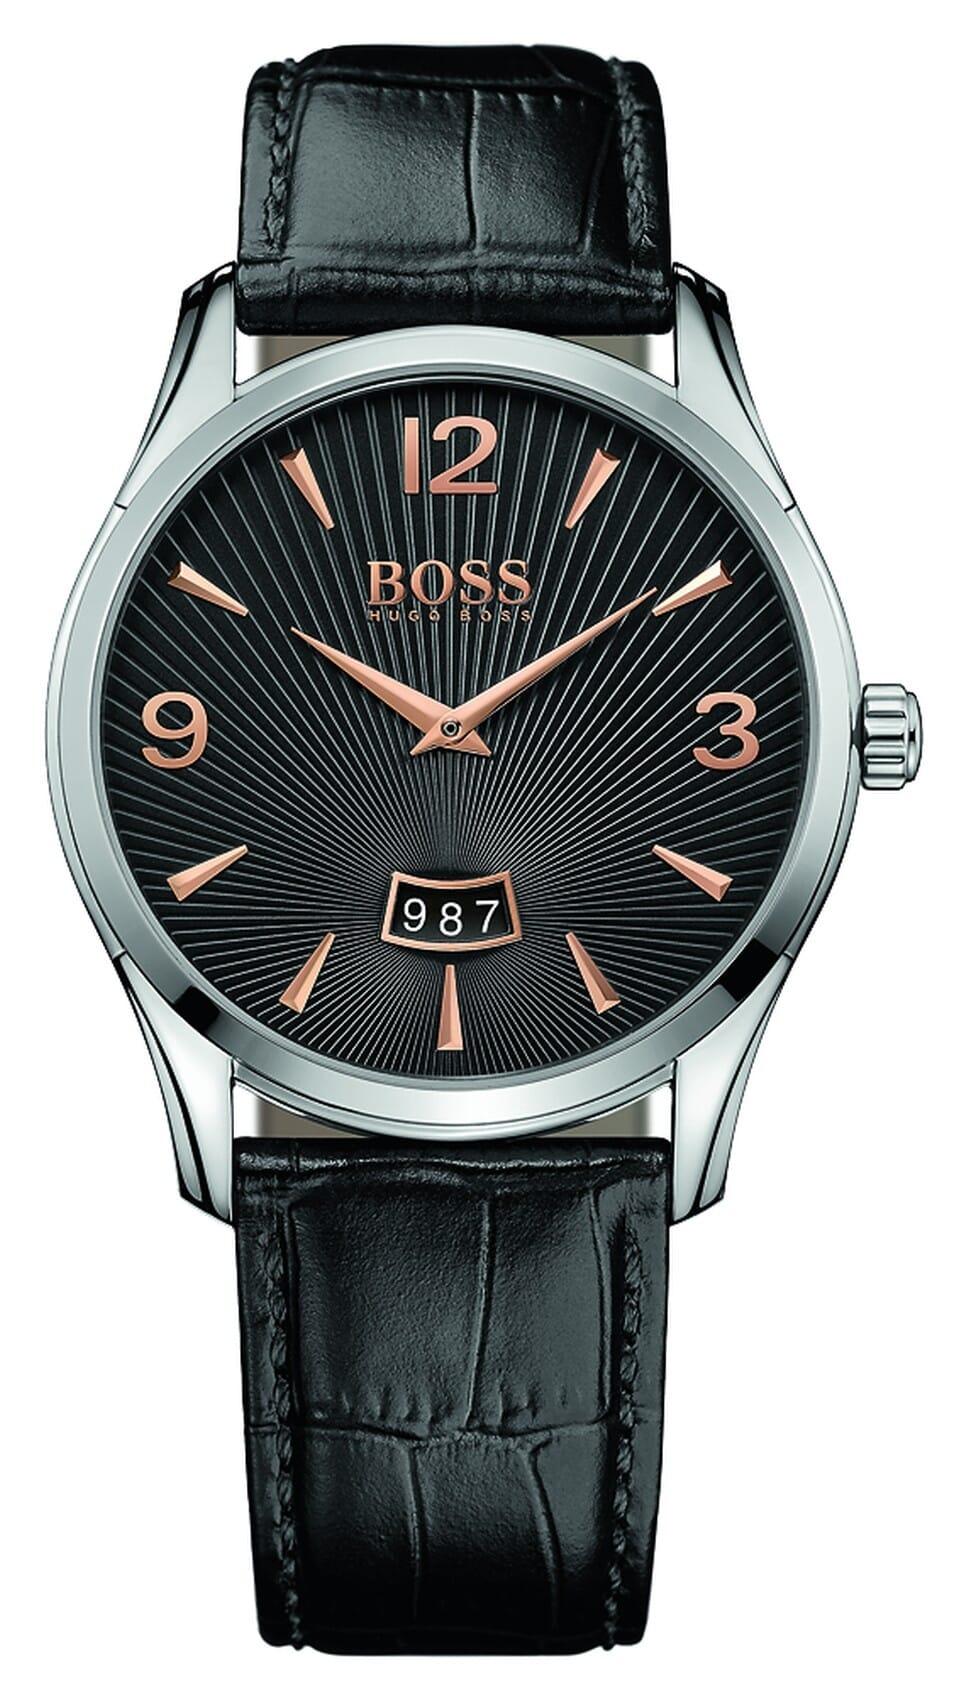 Hugo BOSS HB1513425 Commander